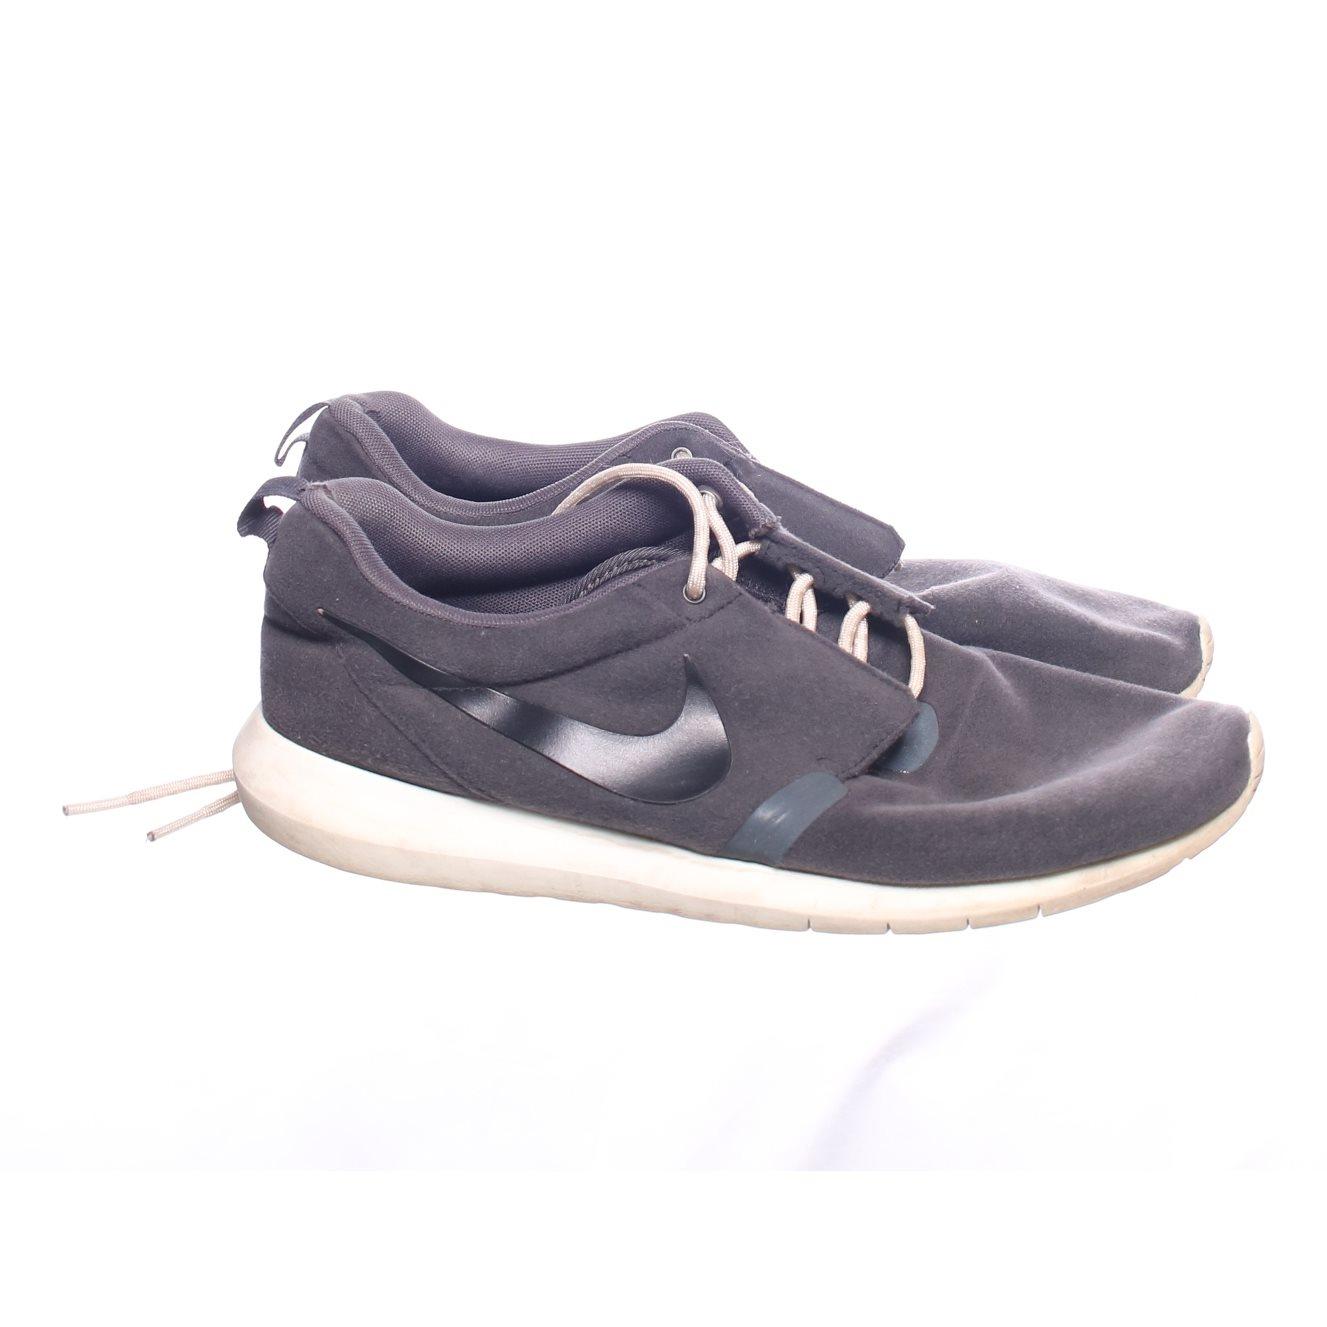 online store e6a5c 61784 Nike Roshe Run, Sneakers, Strl  43, Grå Vit